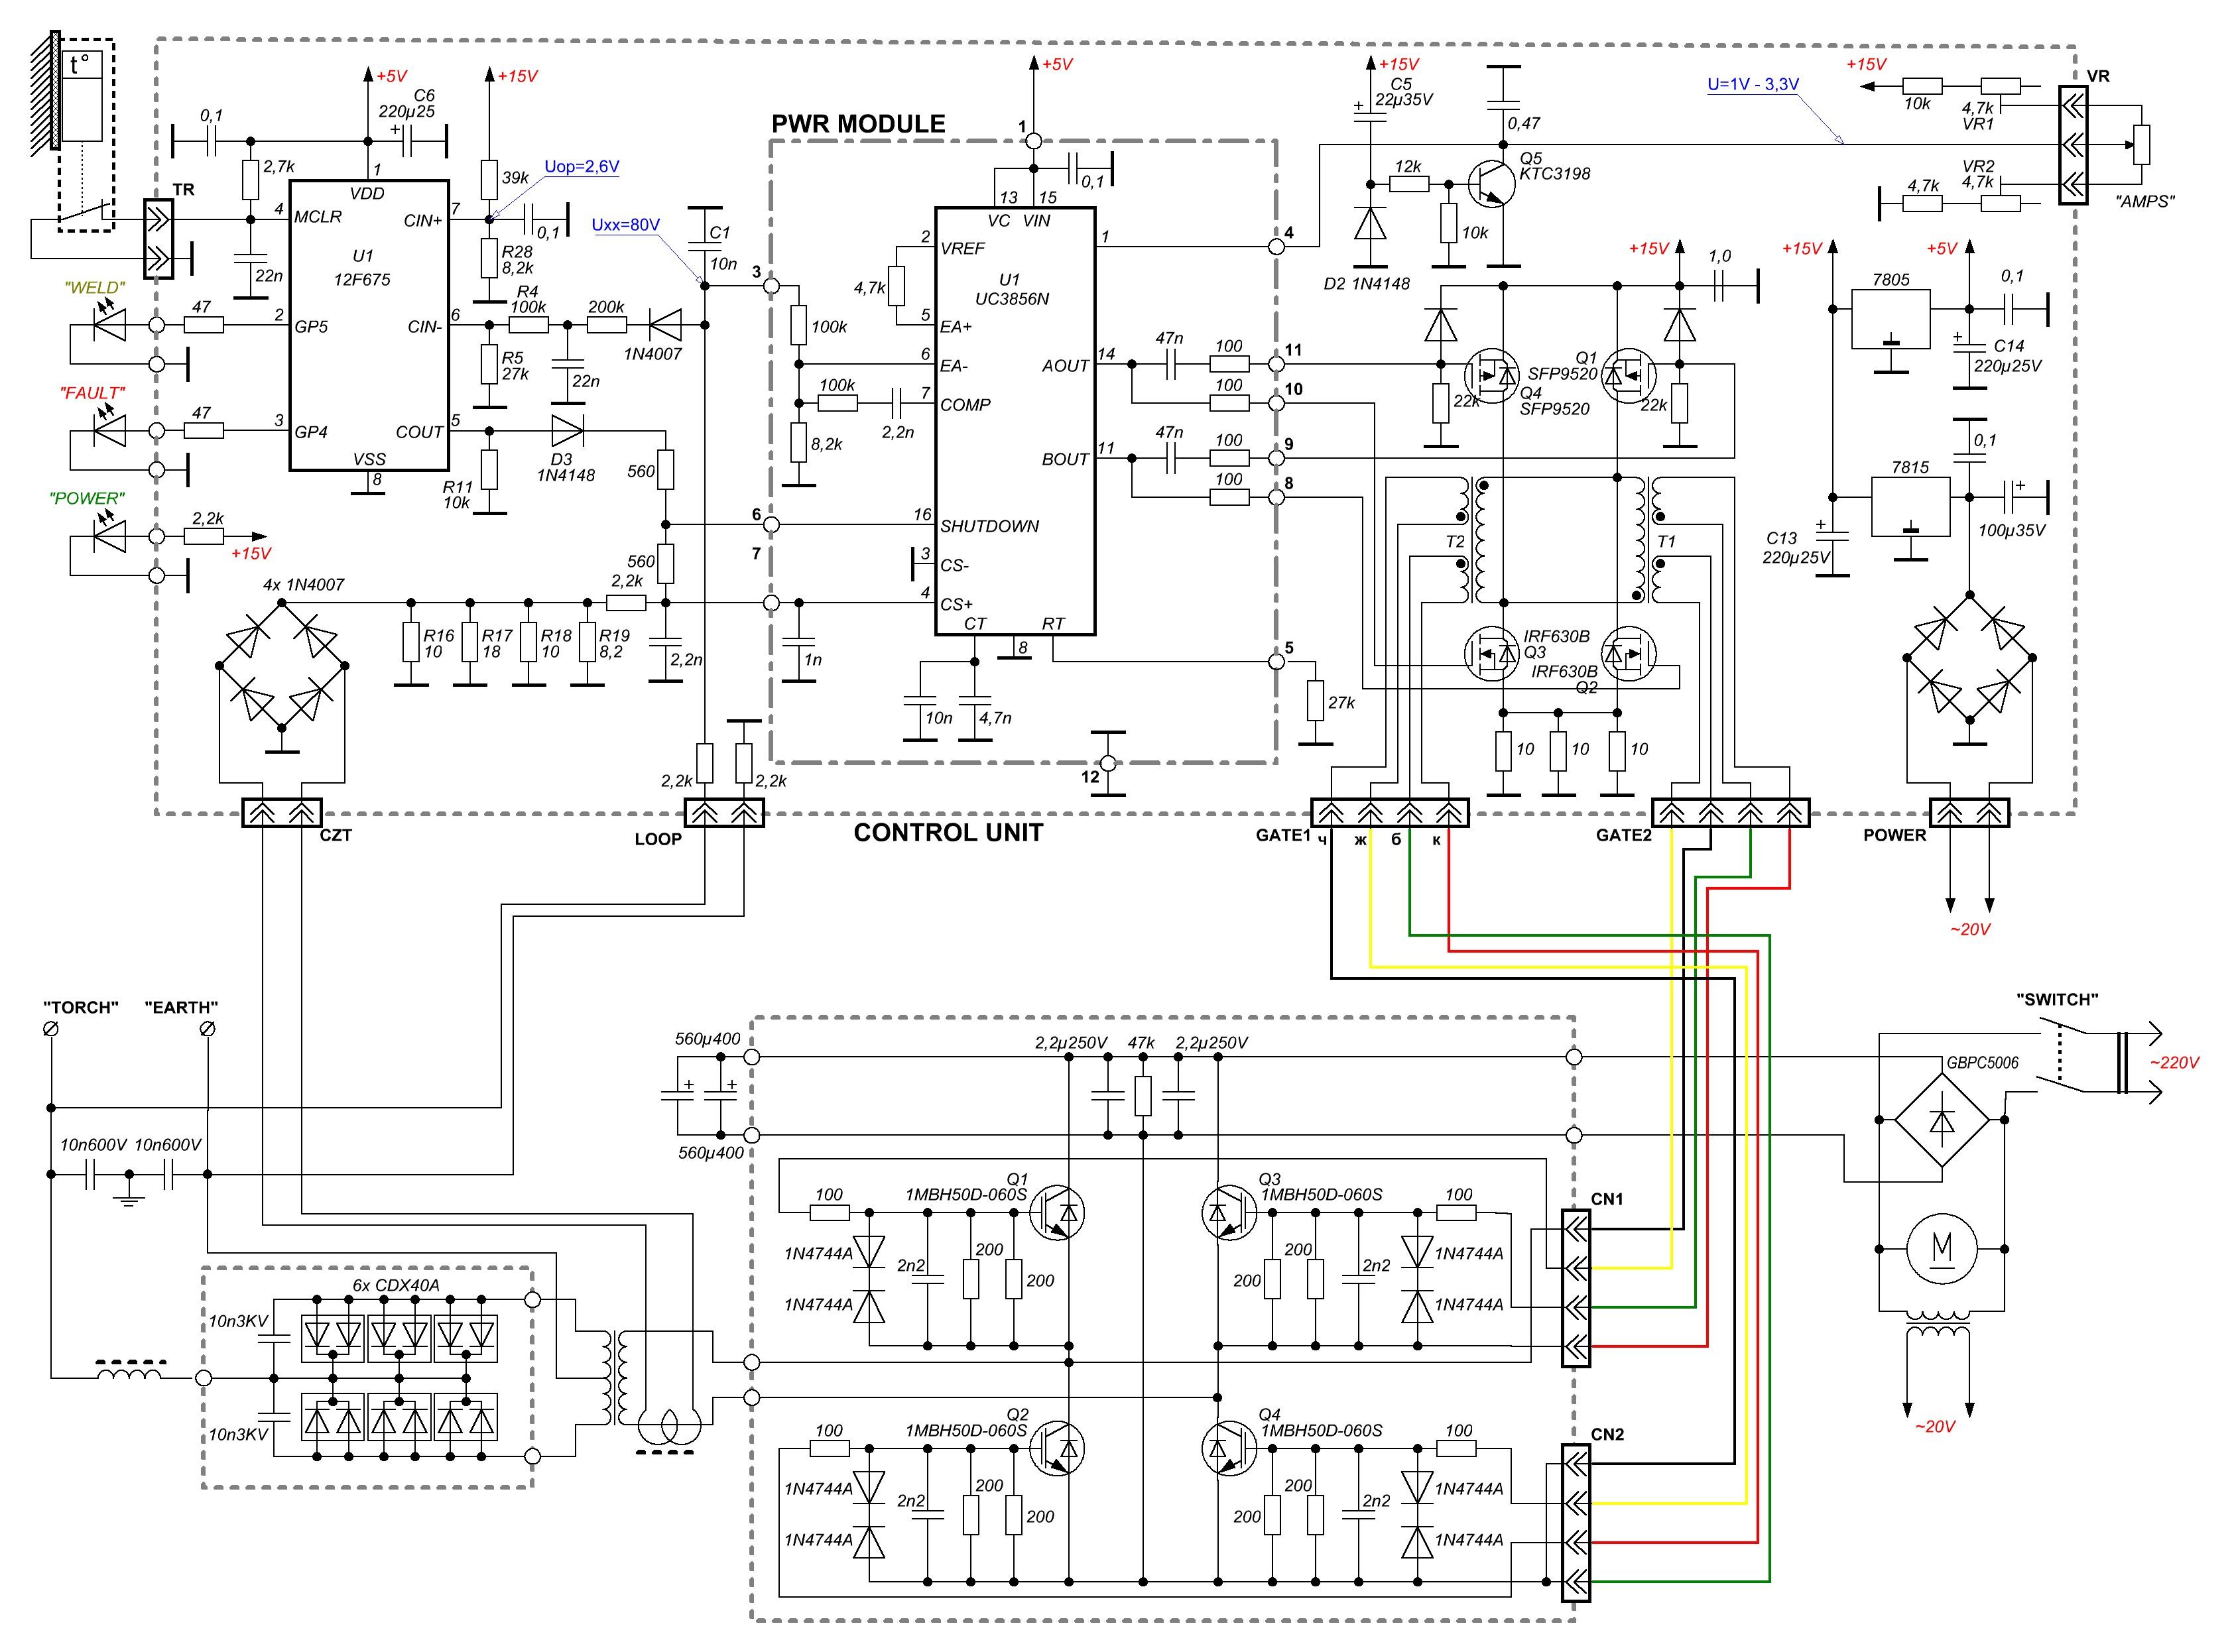 помогите! нужна схема блока управления сварочного полуавтомата telwing 150/1 turbo с параметрами.